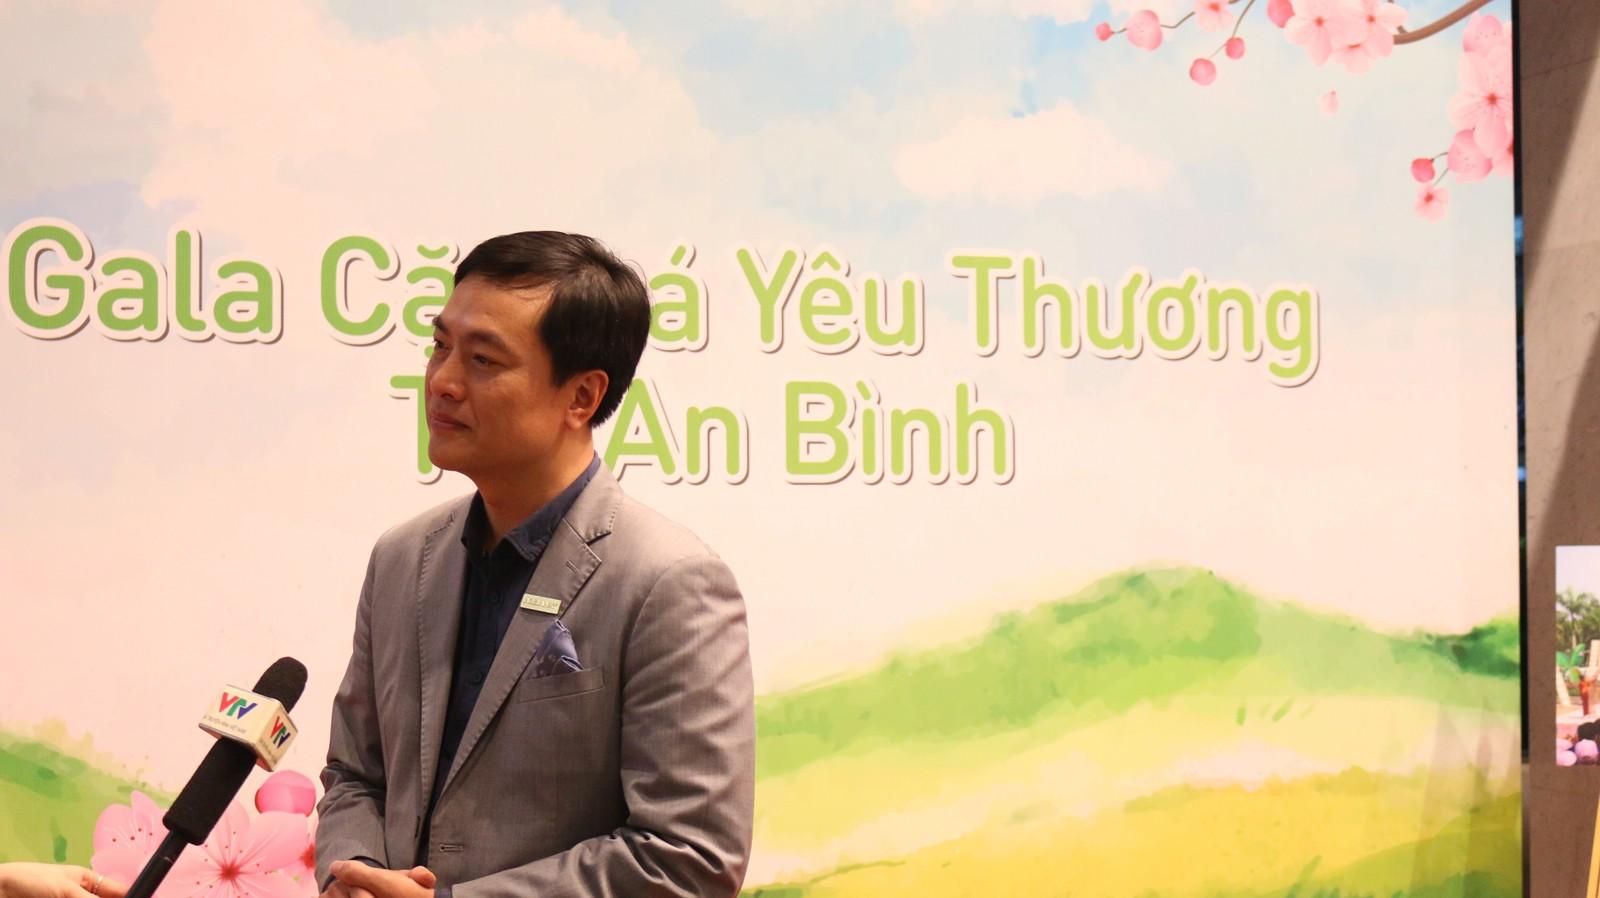 """Tổng giám đốc ABBANK: Trở về An Bình, tôi muốn được bùng nổ và """"đánh một trận lớn"""" - Ảnh 9."""